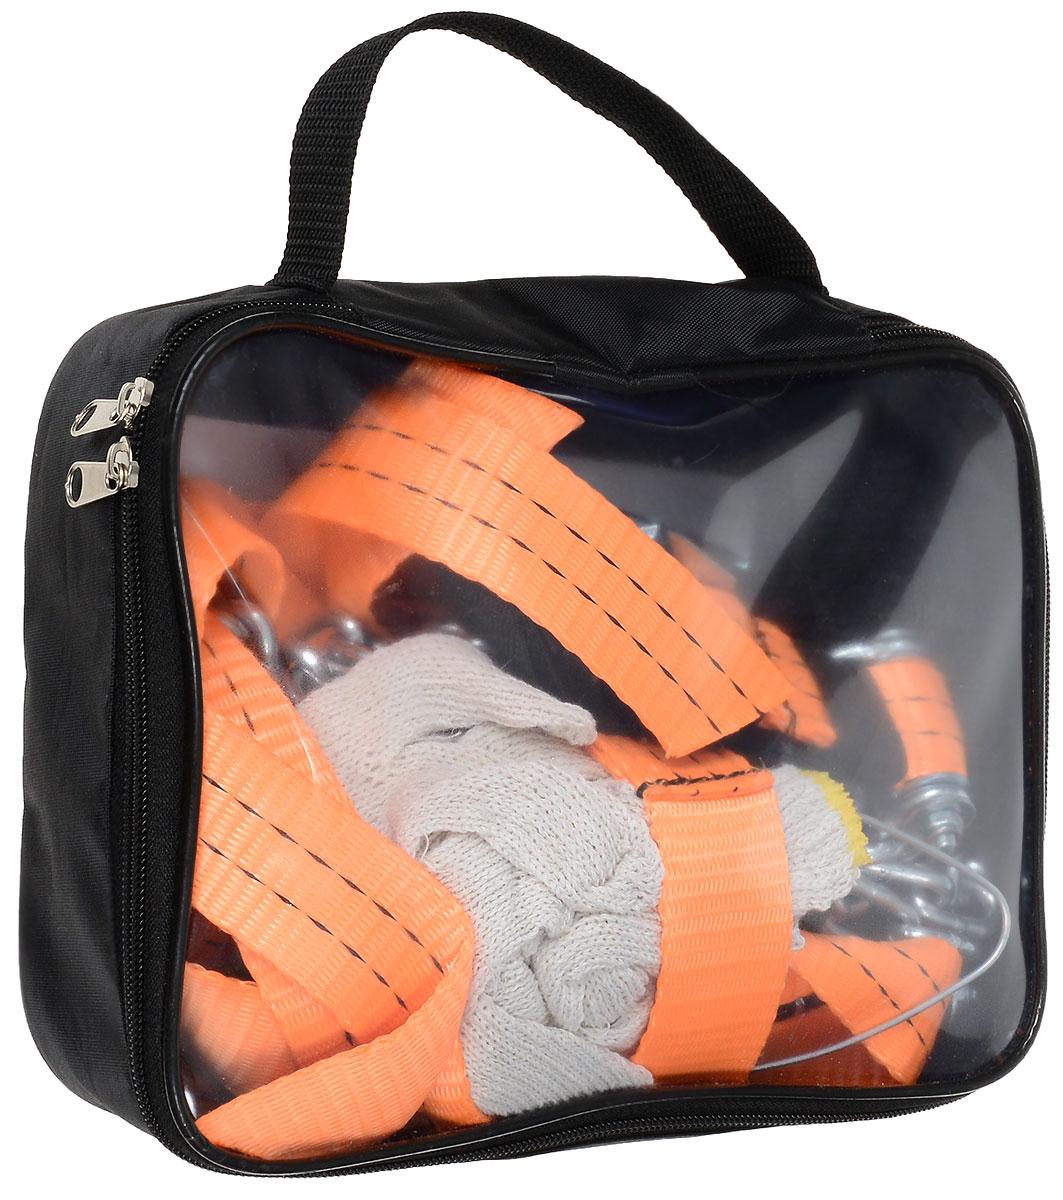 Браслеты-цепи противоскольжения Антей, цвет: оранжевый, размер шин 155/65-220/60, 9 предметовА 500Браслеты-цепи противоскольжения Антей для кроссоверов и внедорожников. Подходят для шин с шириной профиля от 195 до 295 мм. R 16-22. В комплект входит: - браслеты-цепи - 4 шт., - крючок для монтажа, - сумка, - инструкция, - перчатки. Комплект предназначен для самоспасения застрявшего автомобиля и преодоления коротких участков бездорожья. Браслеты-цепи устанавливаются без поддомкрачивания автомобиля. Ширина ленты: 40 мм Диаметр прутка цепи: 5 мм. Особенности:Прокладка для защиты диска от повреждений,Усиленный замок.